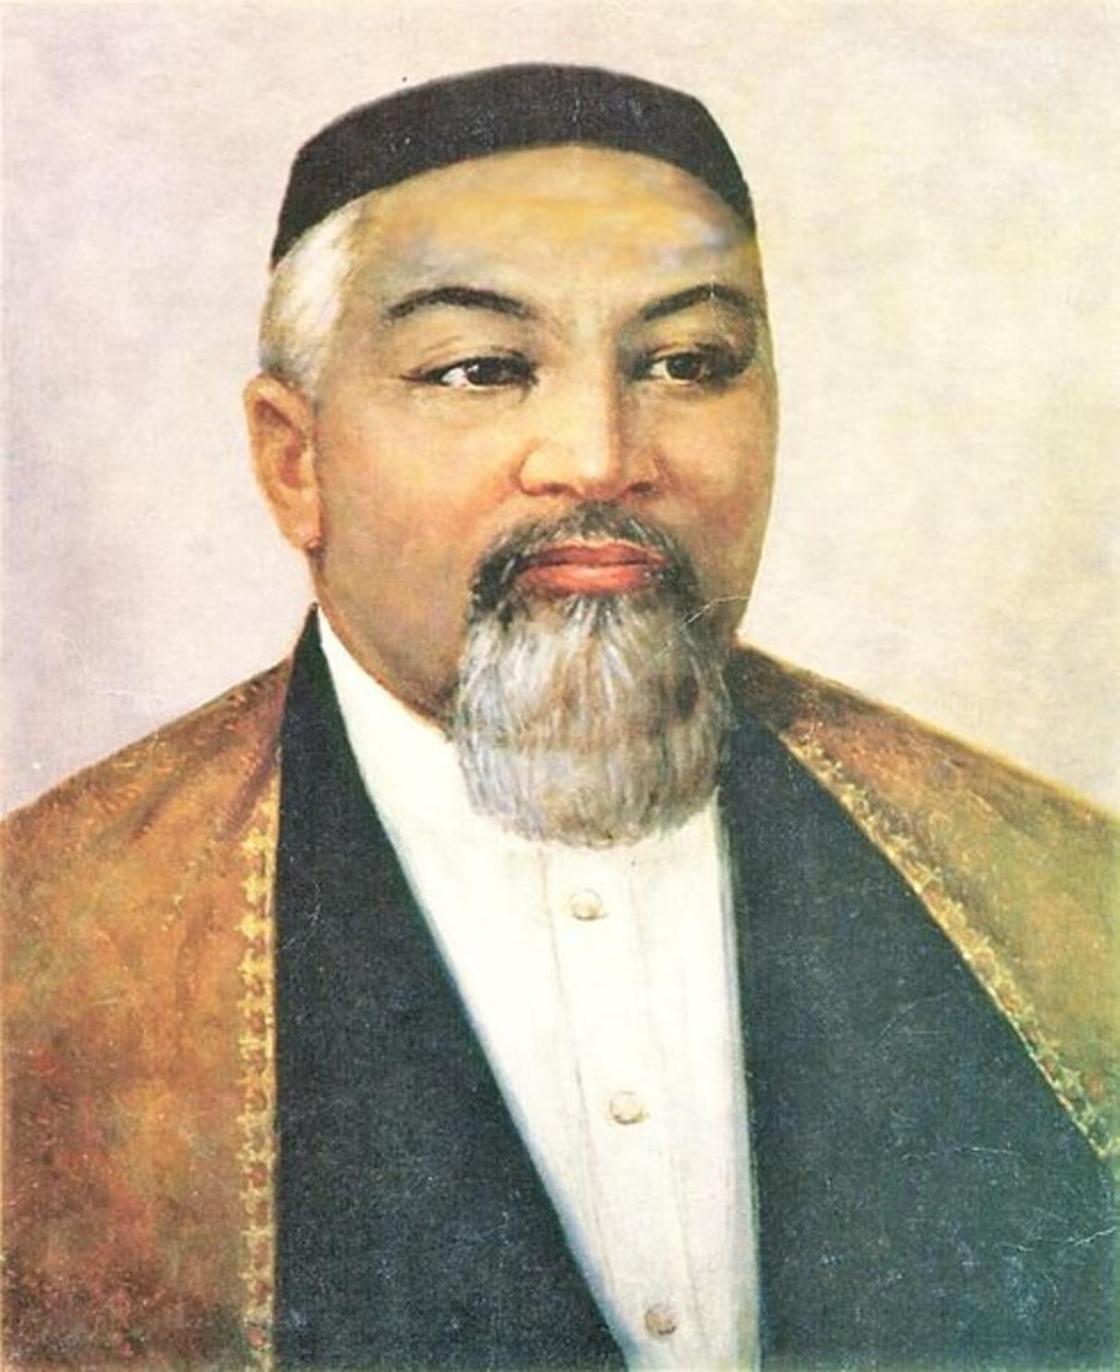 исторические личности казахстана фото сиденье для